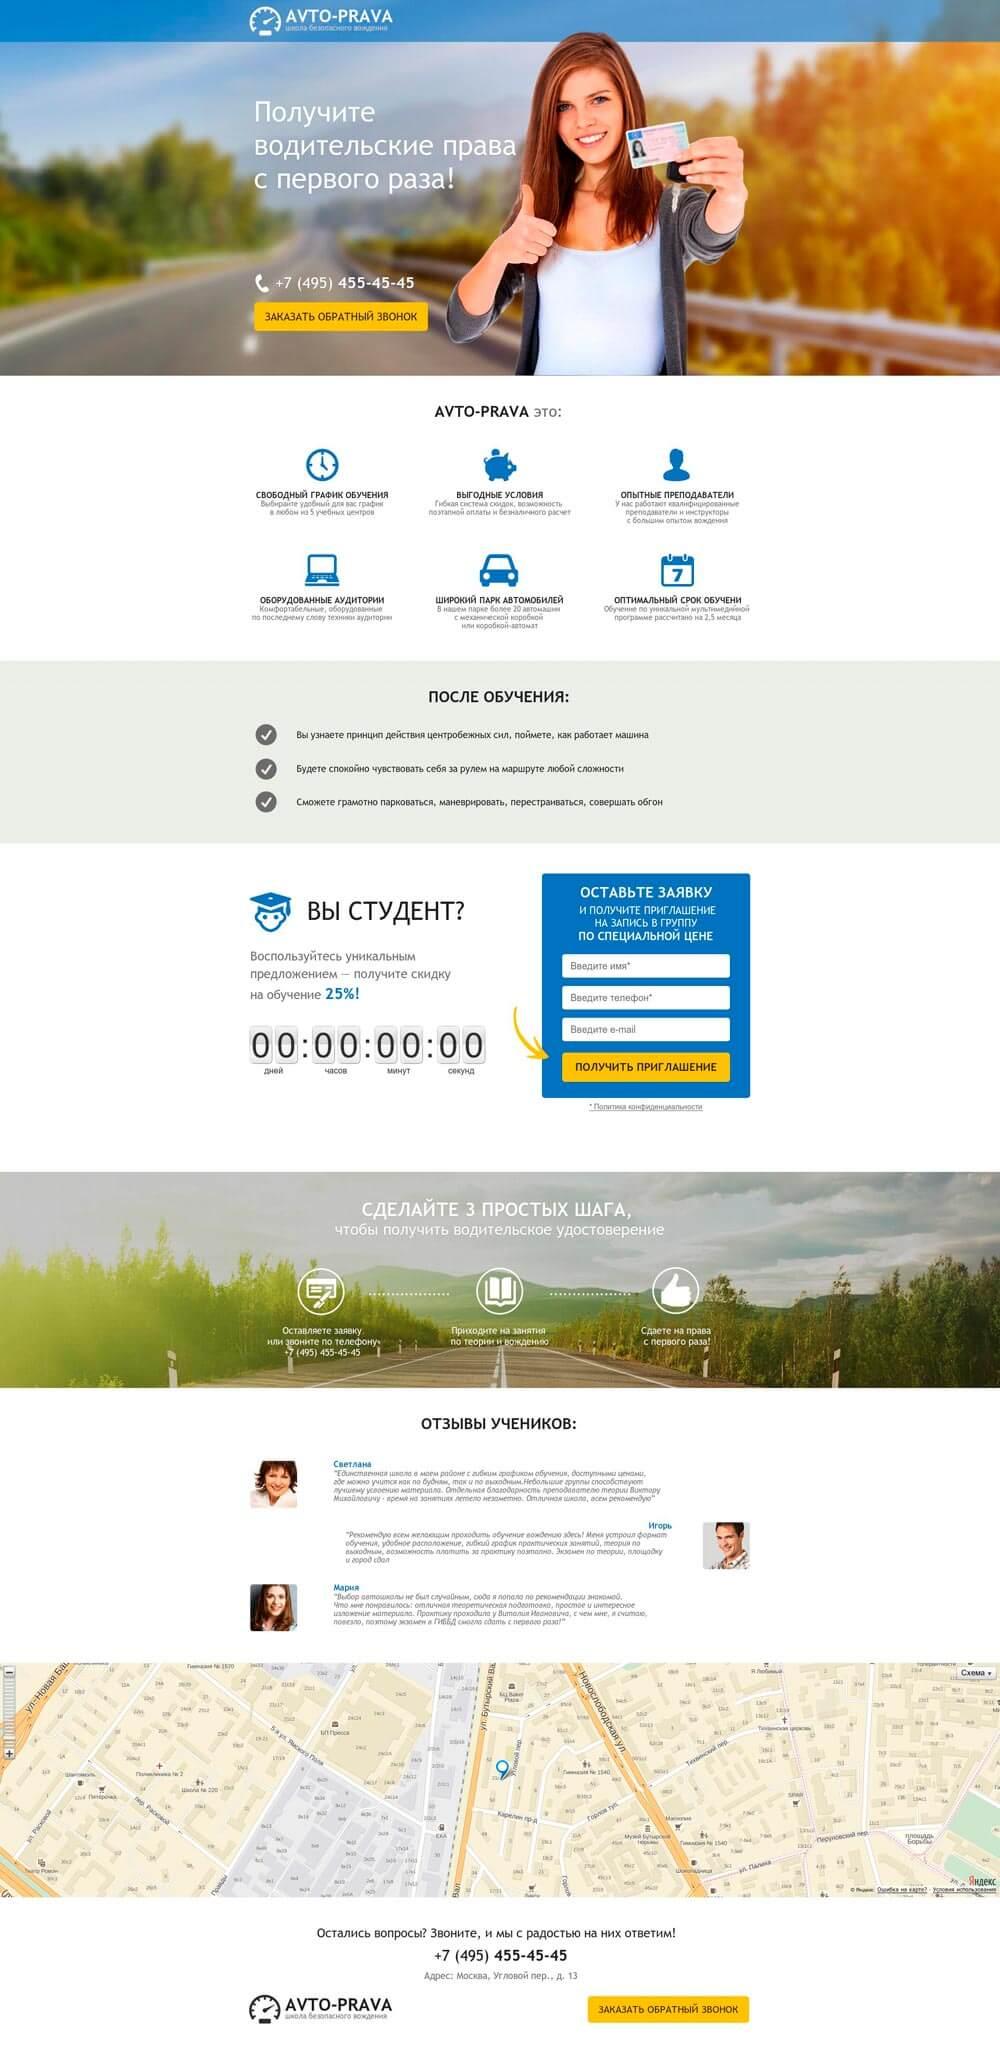 Пример продающей страницы для интернет - магазина